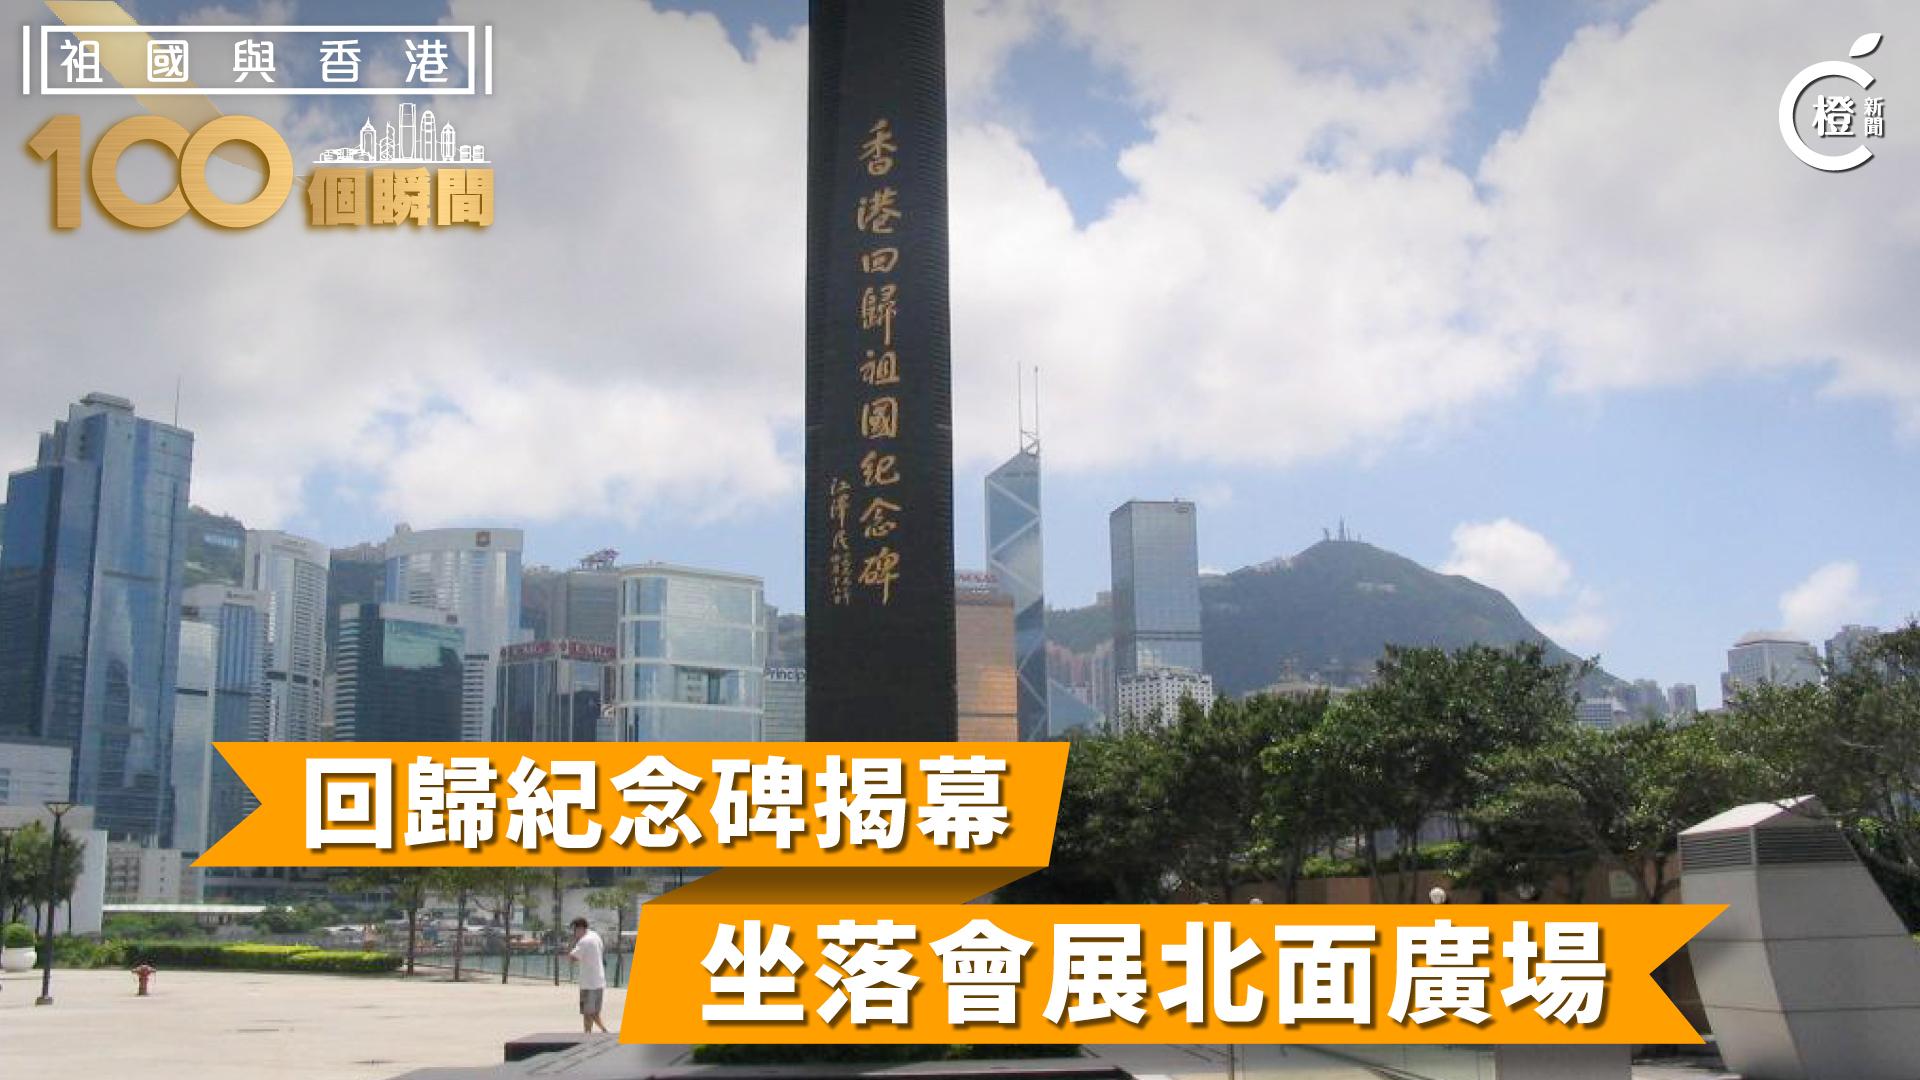 【祖國與香港100個瞬間】回歸紀念碑建成 與金紫荊像相互輝映